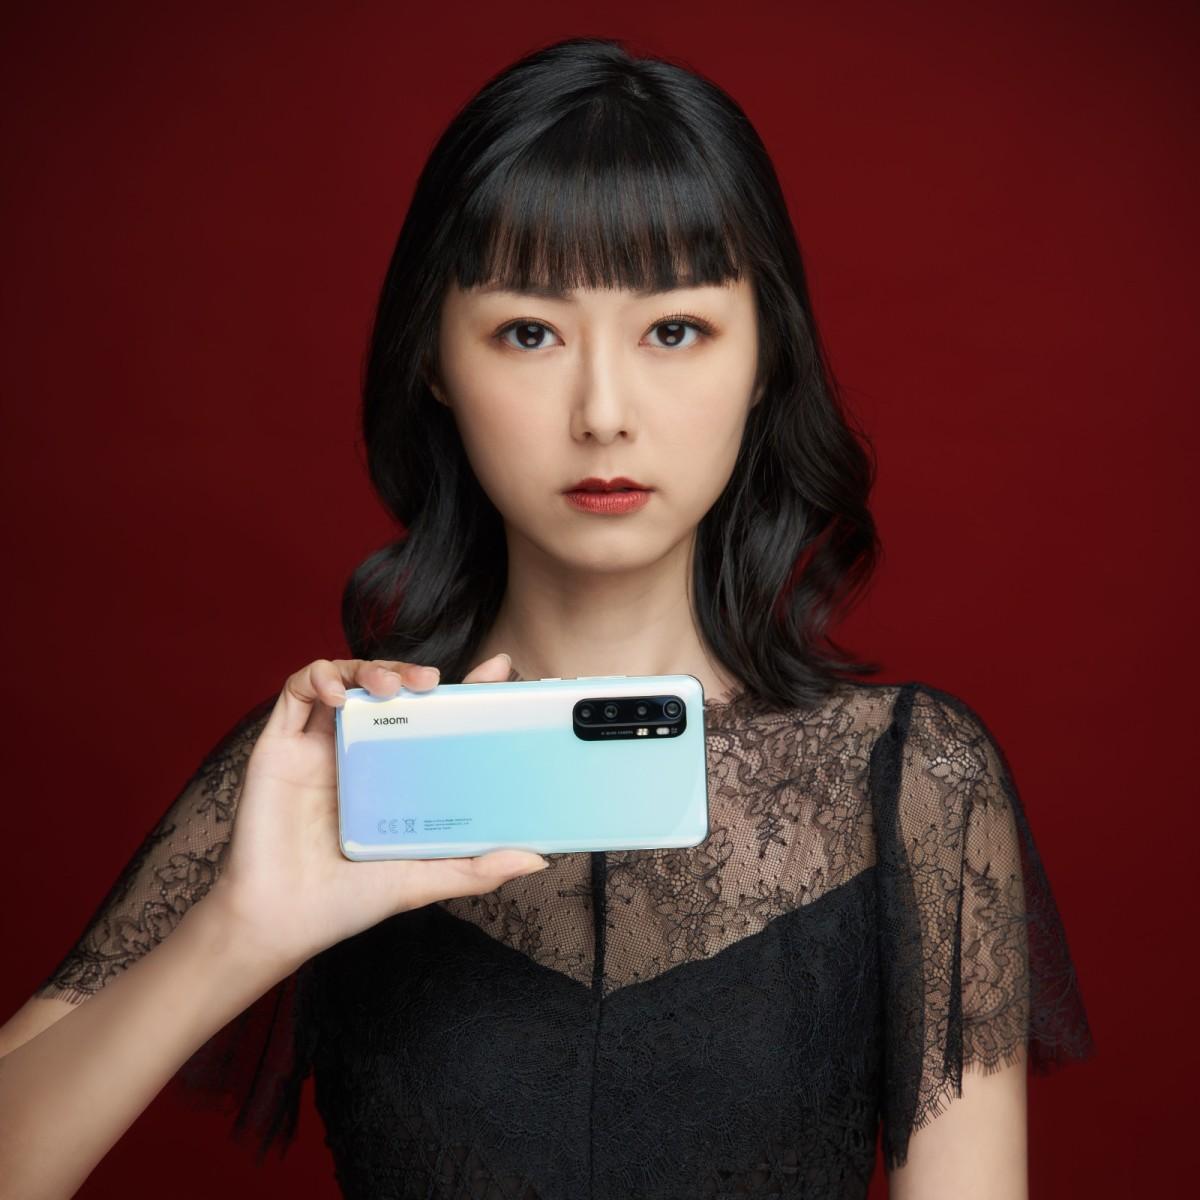 小米 Note10 Lite 提供冰川白、午夜黑及星雲紫三種顏色選擇。